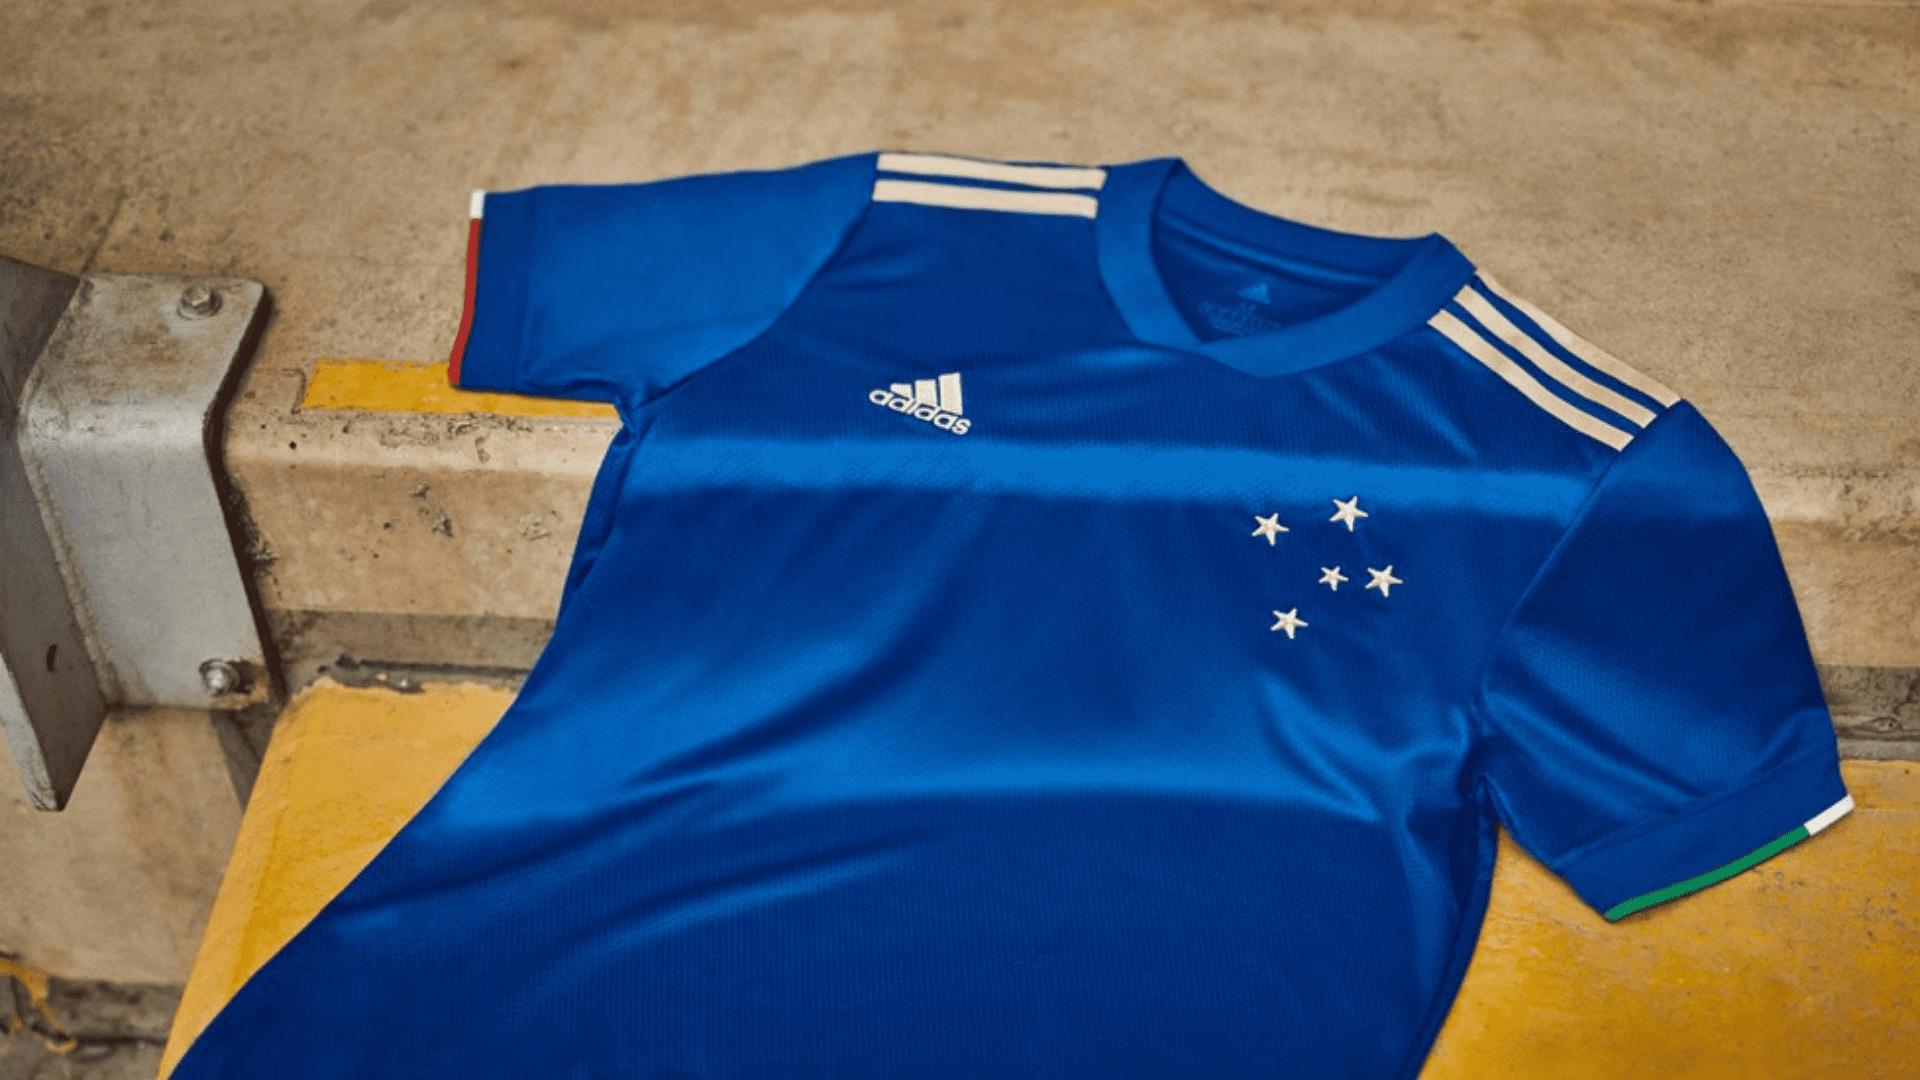 Conheça os modelos de camisa do Cruzeiro para comprar em 2021! (Imagem: Divulgação/Adidas)